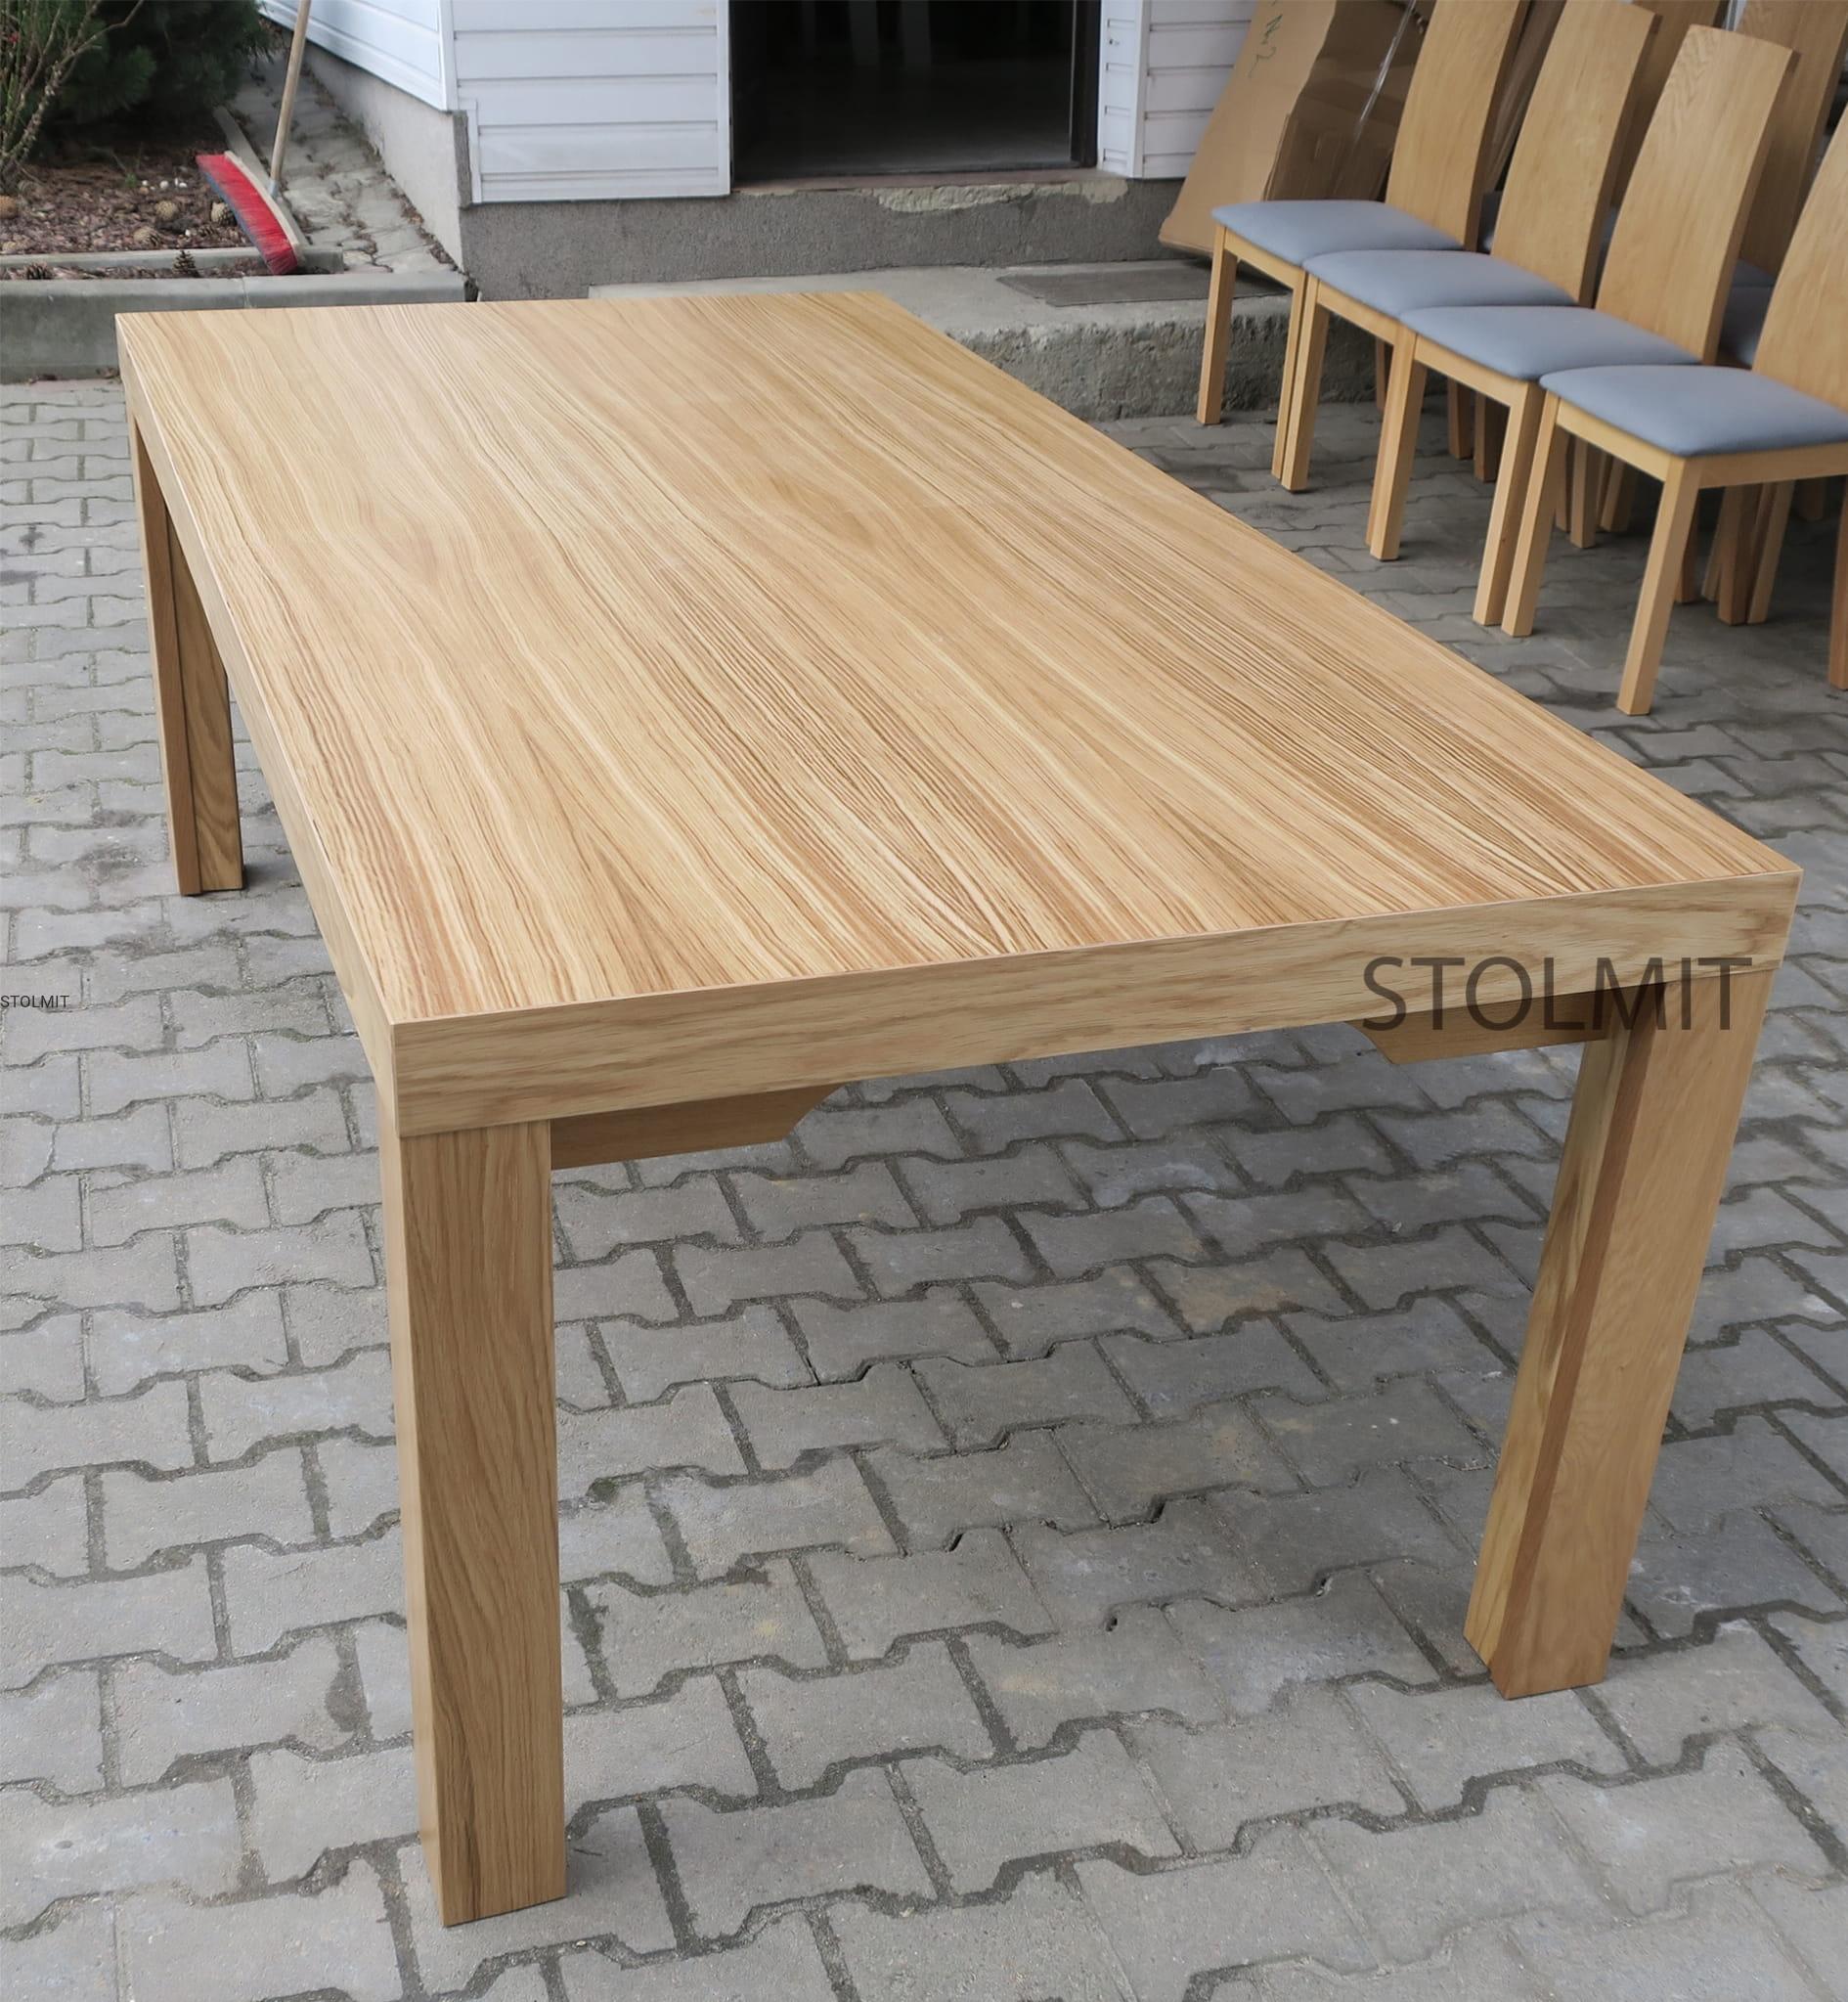 Stół Dębowy 8 Nóg 10 Krzeseł Milano Dąb Duże Wymiary Stolmitmeble